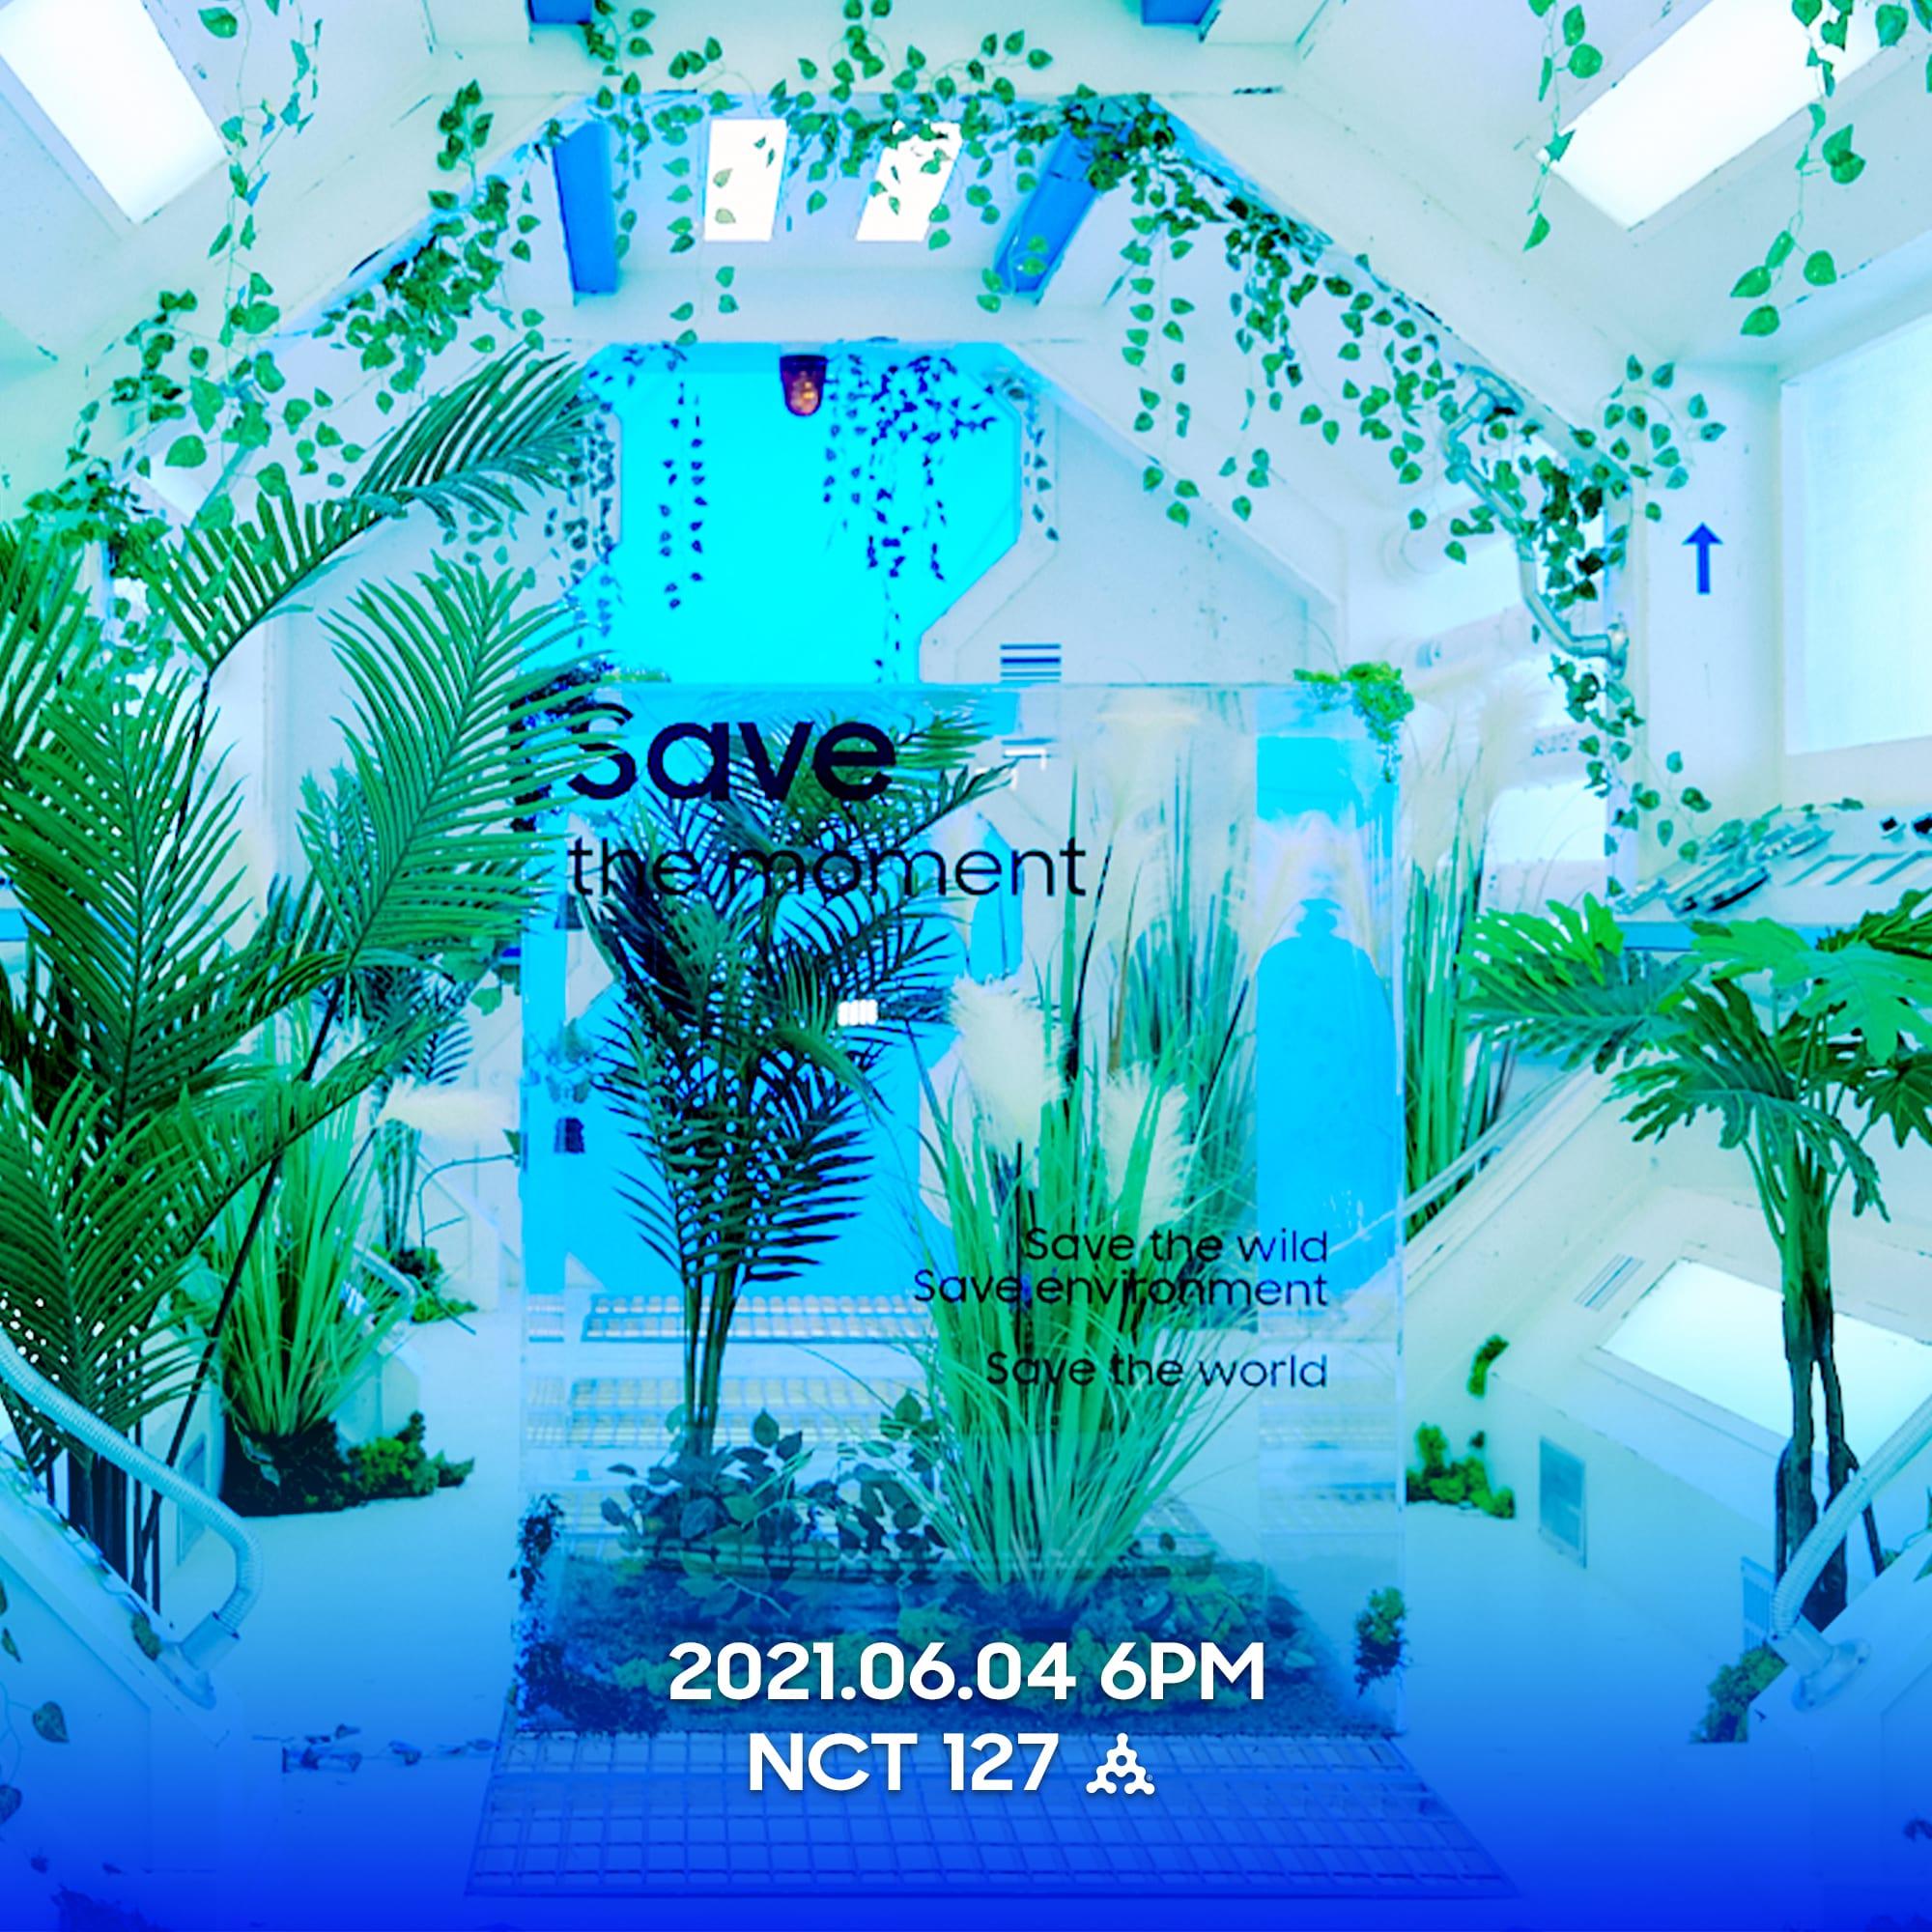 nct 127 save